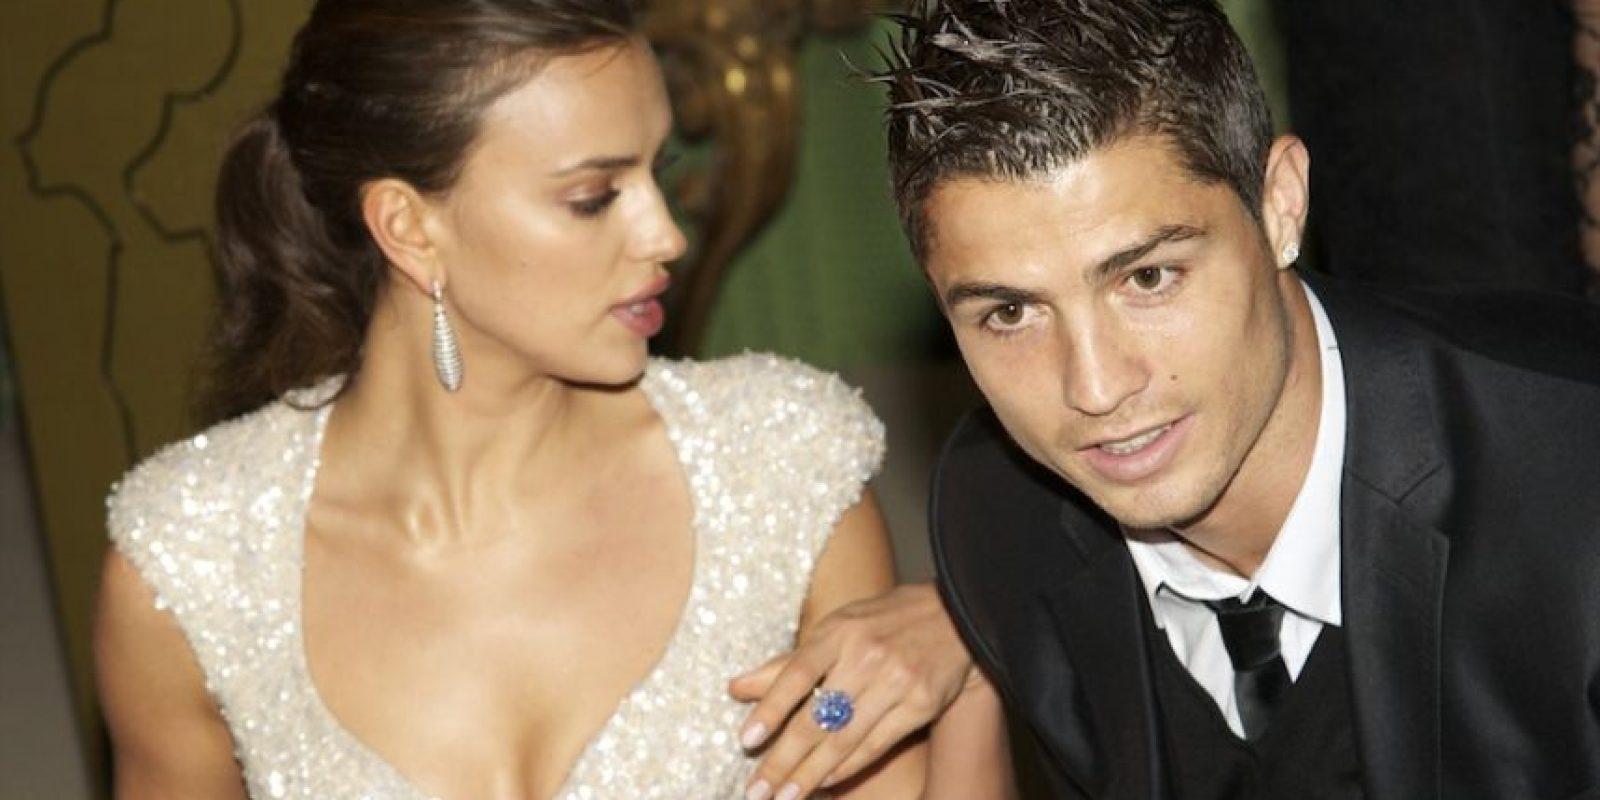 La modelo rusa y el futbolista portugués se separaron después de cinco años de relación en medio de una polémica sobre los motivos de la ruptura. Foto:Getty Images